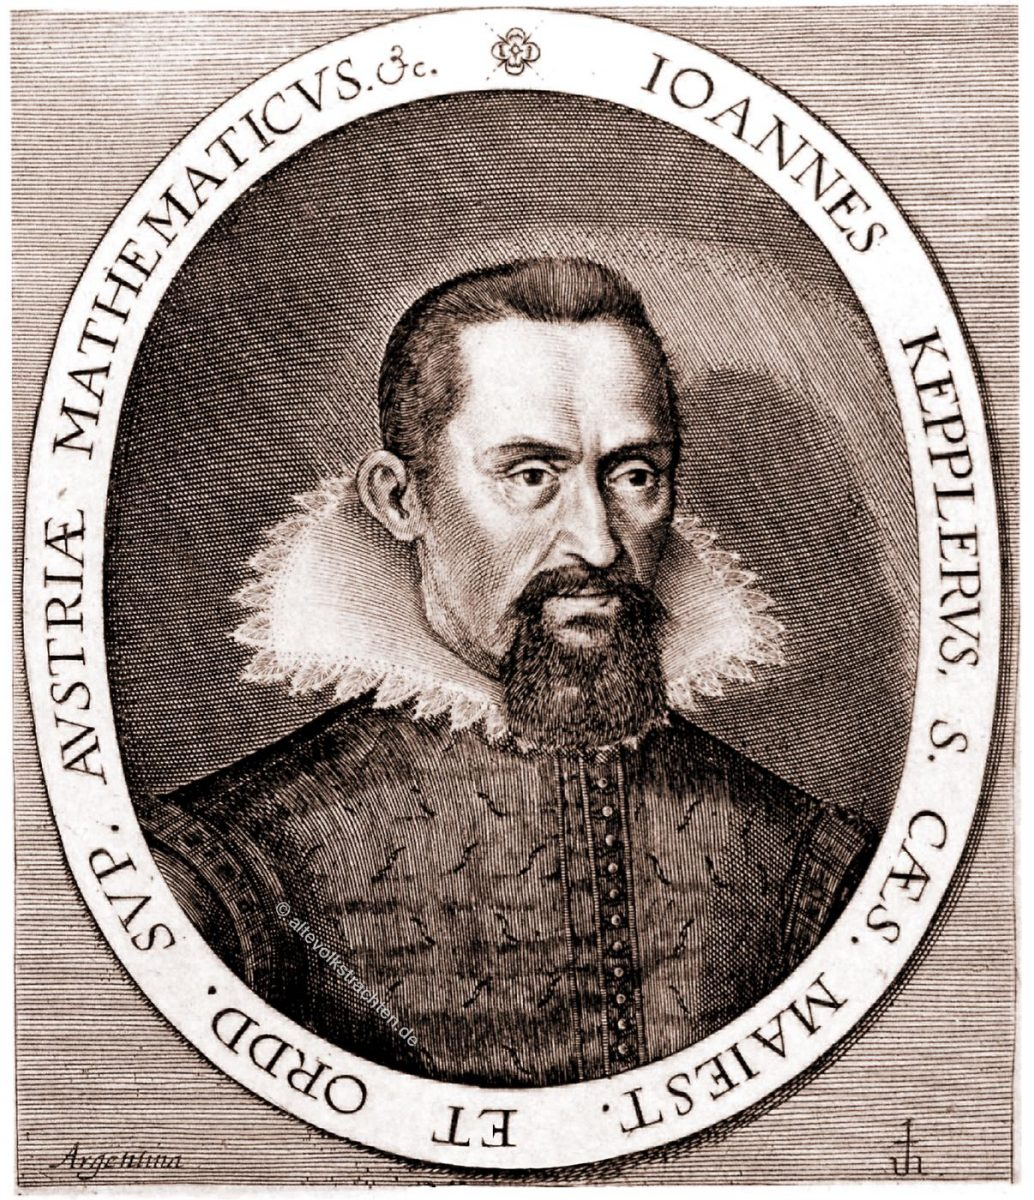 Johannes Kepler, Astronom, Mathematiker, Astrologe, Deutschland, Dreissigjähriger Krieg, Barock